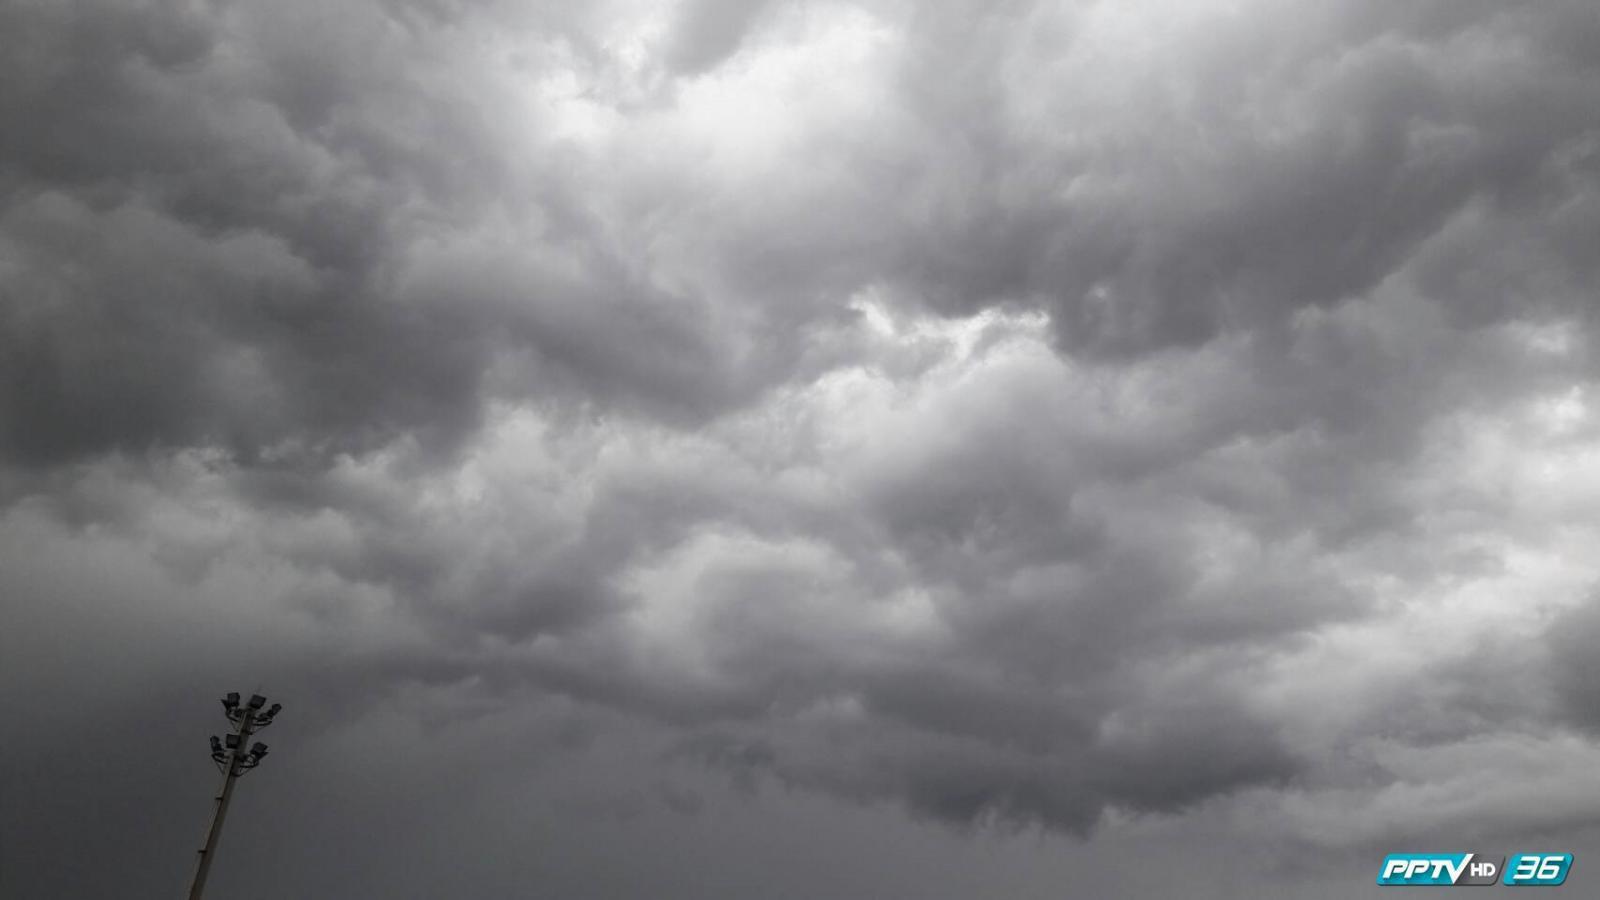 อุตุฯ เตือน ไทยมีฝนตกเพิ่มขึ้น-ฝนตกหนักบางแห่ง 4-7 มิ.ย. นี้